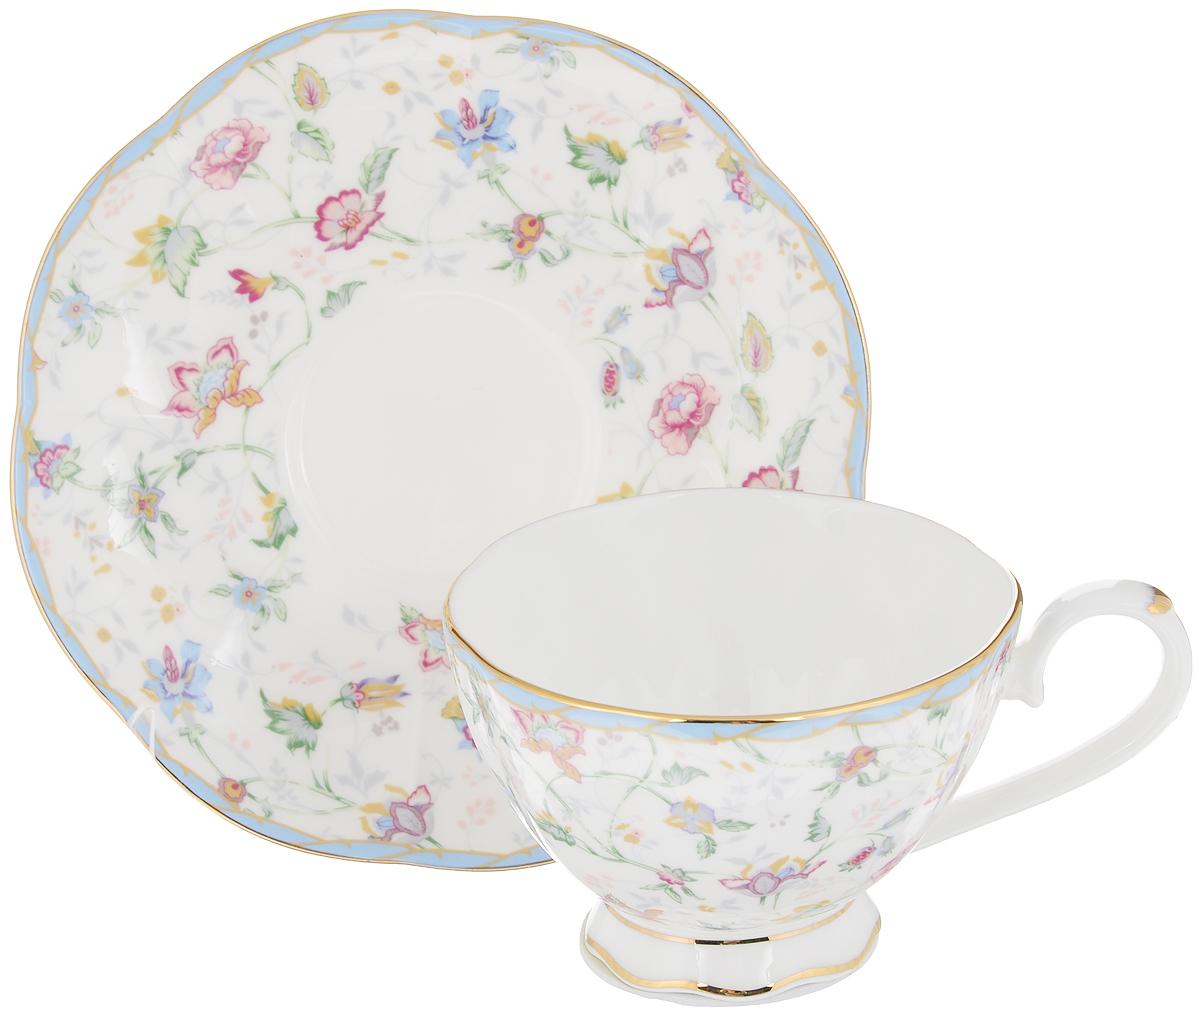 Чайная пара Цветочный каприз, 2 предметаVT-1520(SR)Чайная пара Elan Gallery Цветочный каприз состоит из чашки и блюдца, изготовленных из керамики высшего качества, отличающегося необыкновенной прочностью и небольшим весом. Яркий дизайн, несомненно, придется вам по вкусу.Чайная пара Elan Gallery Цветочный каприз украсит ваш кухонный стол, а также станет замечательным подарком к любому празднику.Не рекомендуется применять абразивные моющие средства. Не использовать в микроволновой печи.Объем чашки: 250 мл.Диаметр чашки (по верхнему краю): 10 см.Высота чашки: 6,5 см.Диаметр блюдца: 16 см.Высота блюдца: 2,2 см.